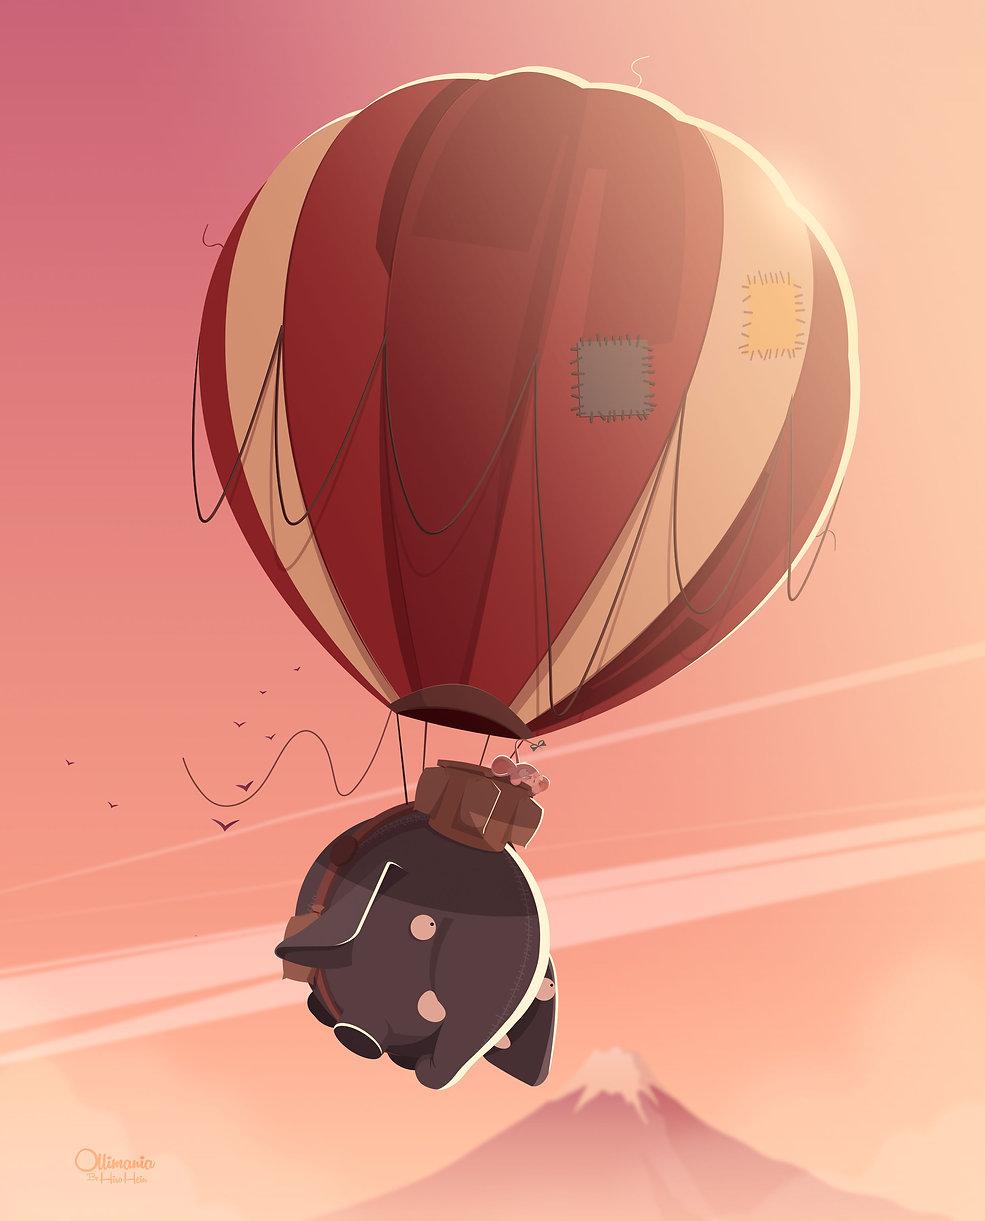 OLLI-AIR-BALLOON.jpg